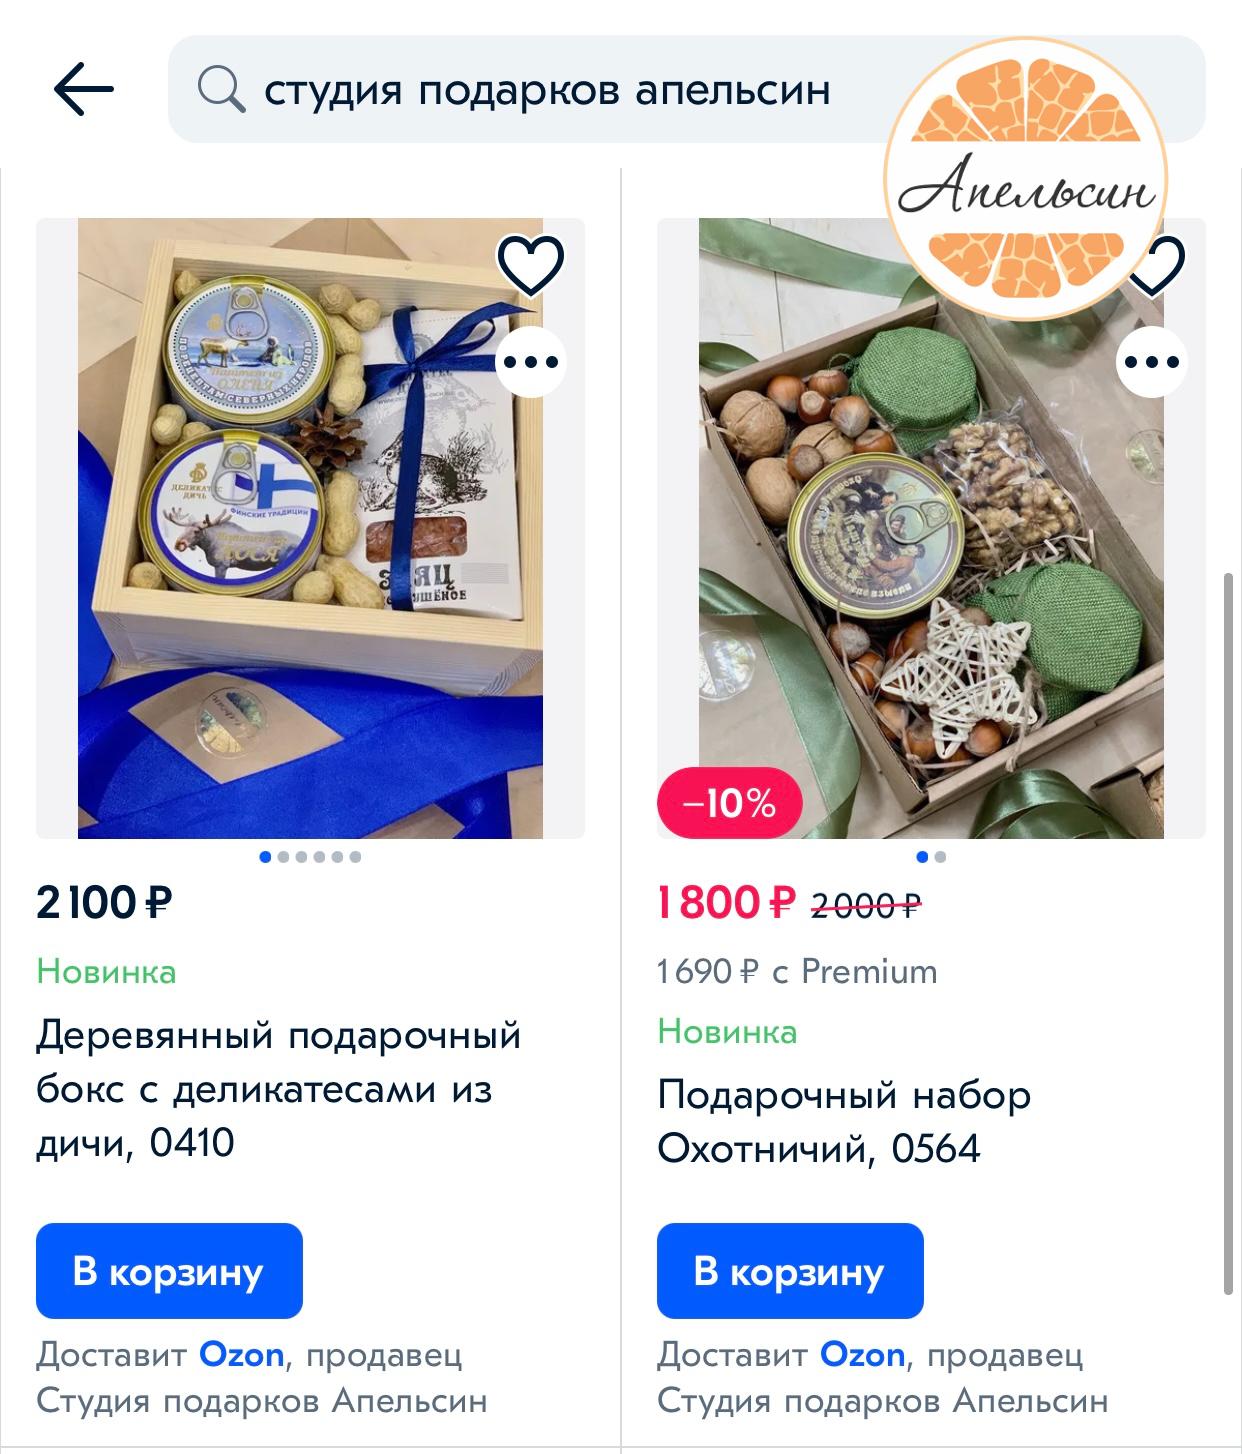 подарки от Апельсин на OZON.RU